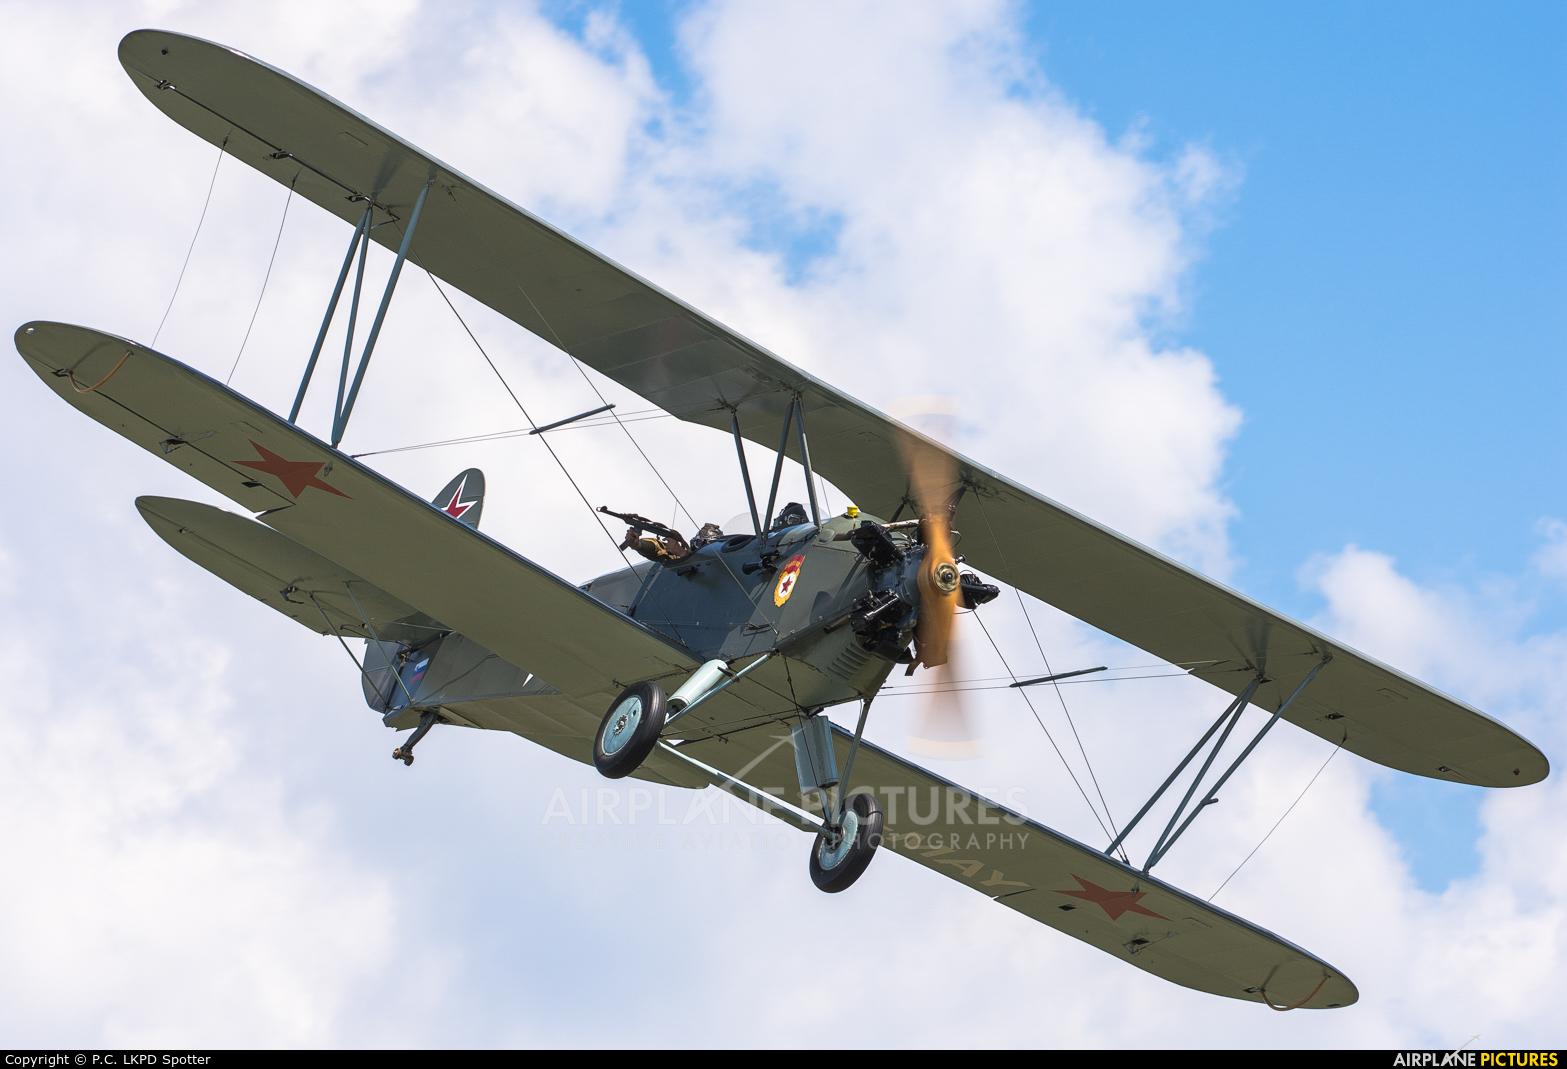 Private S5-MAY aircraft at Mladá Boleslav